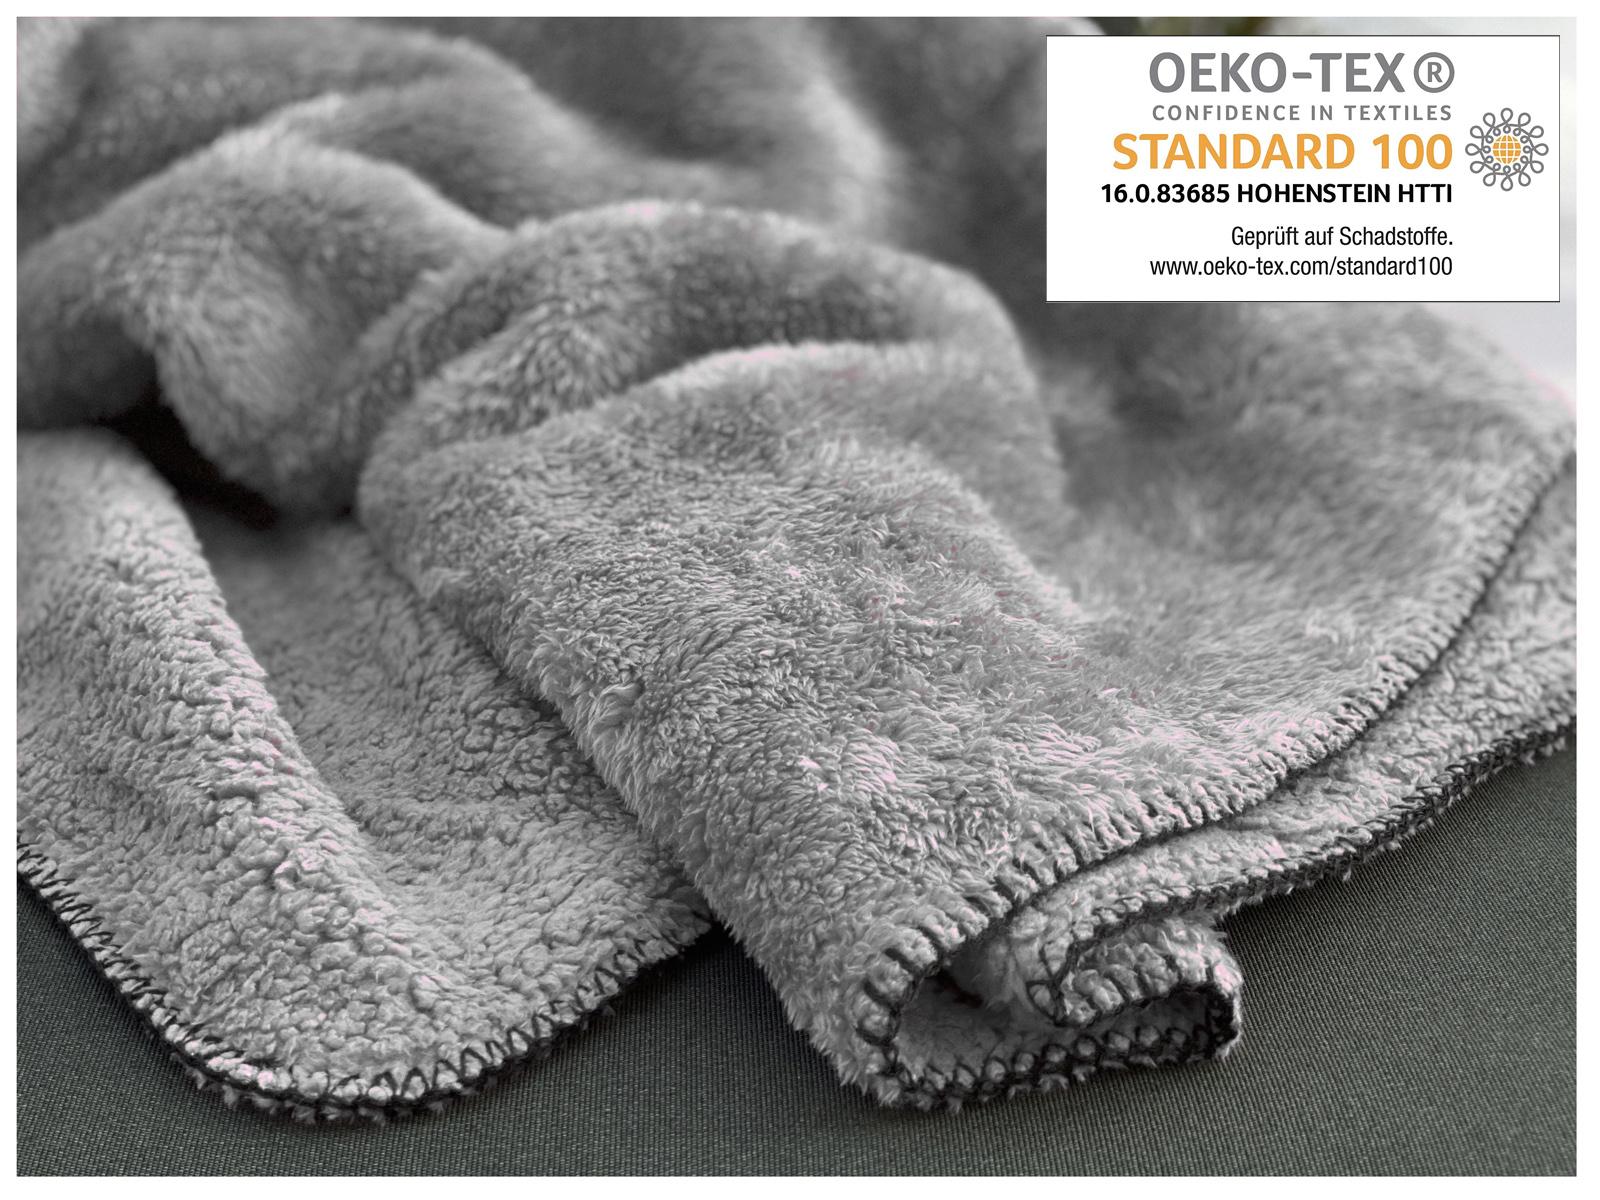 Indexbild 8 - Super Soft Kuscheldecke Langfloor Teddy Fleece XL 200x150 Plüsch Decke Typ716